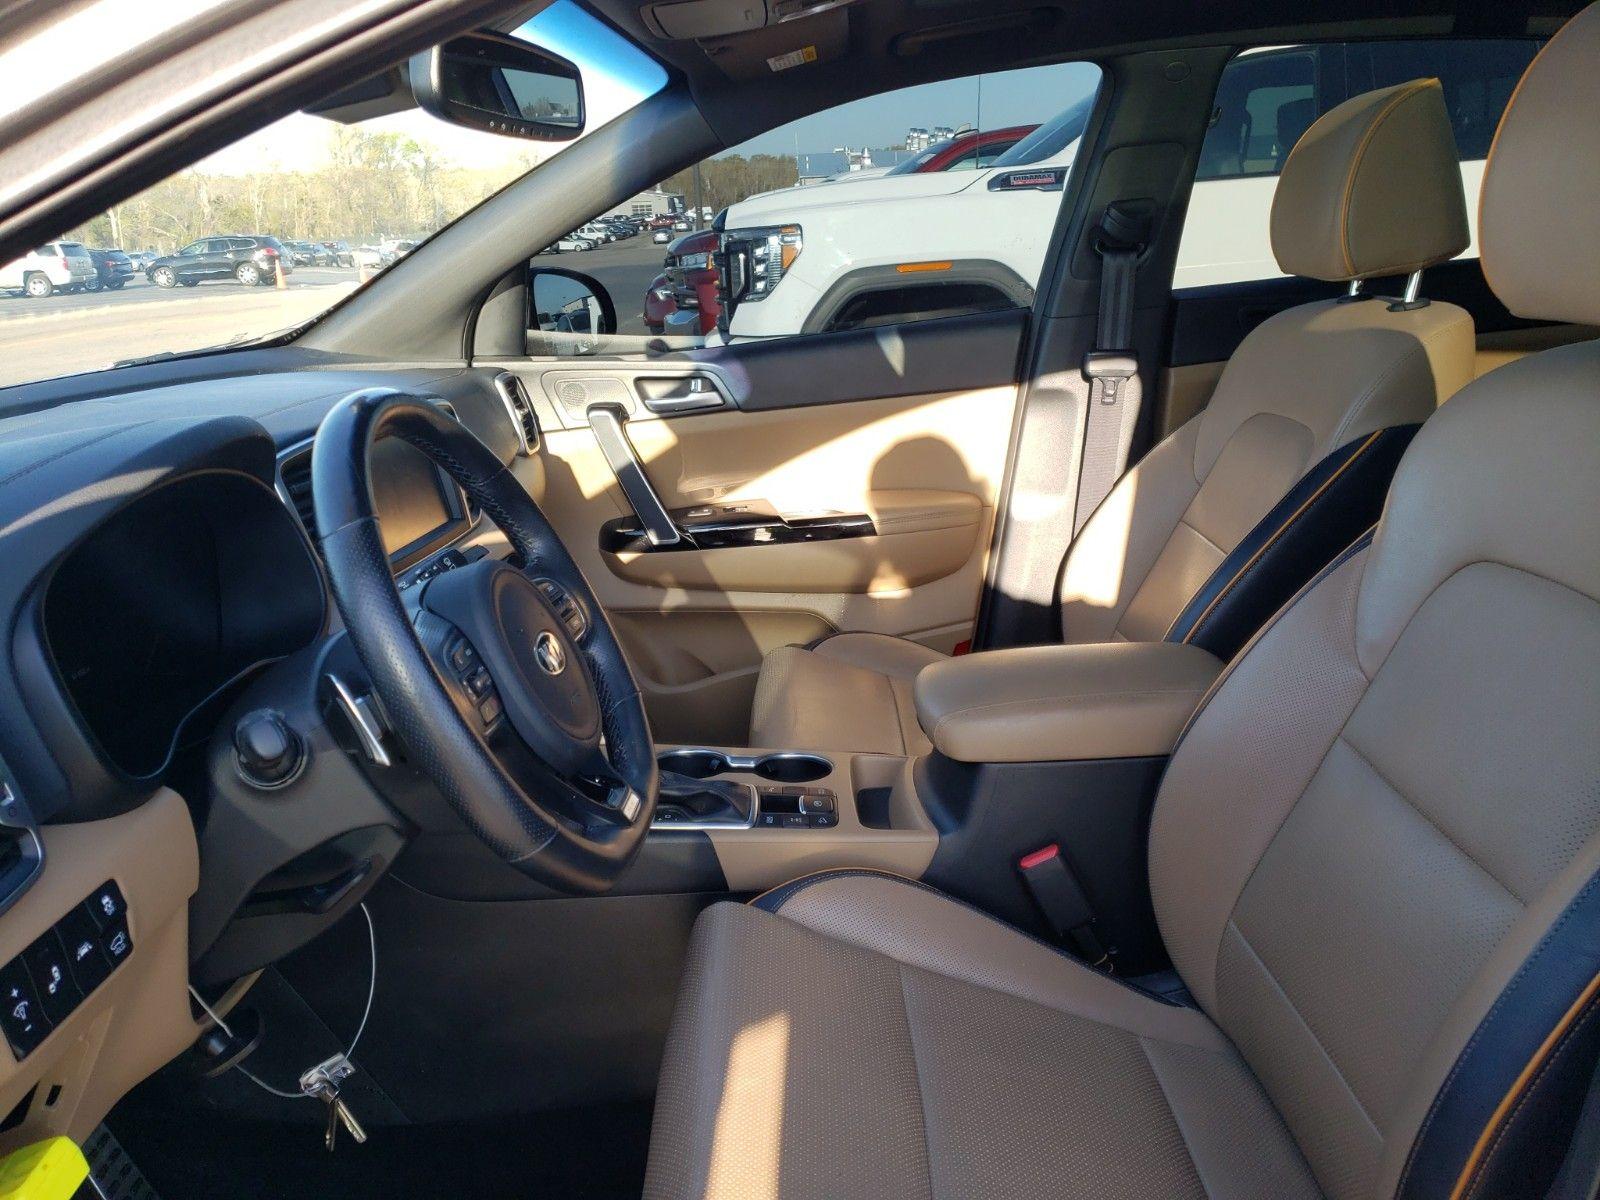 2019 KIA SPORTAGE AWD 4C SX TURBO - 7